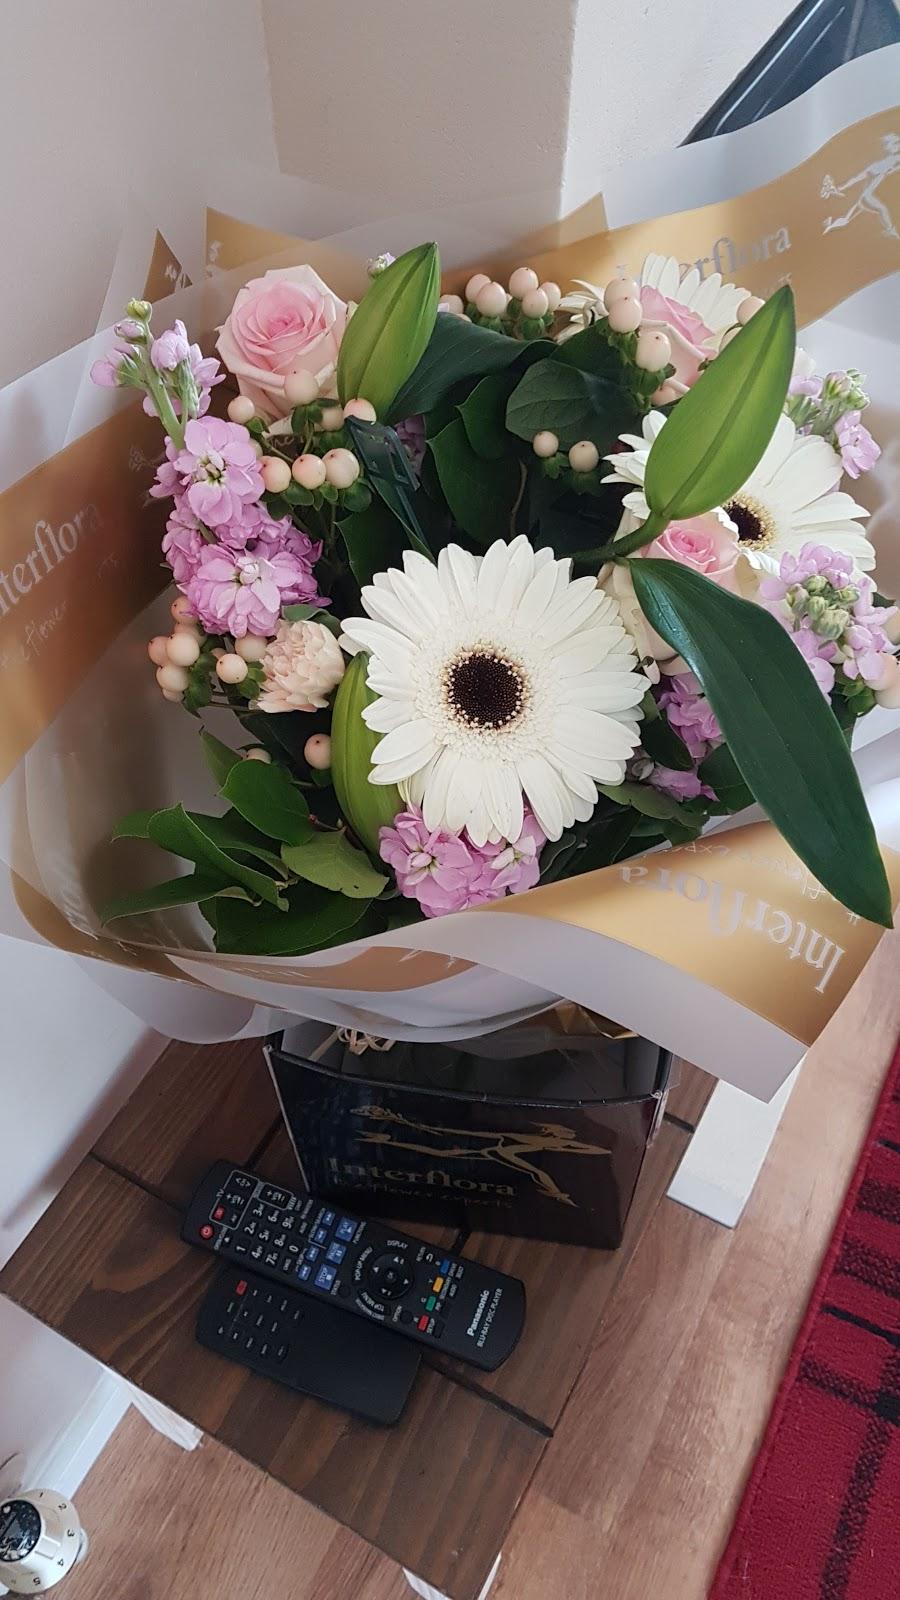 Culcheth Funeral Flowers